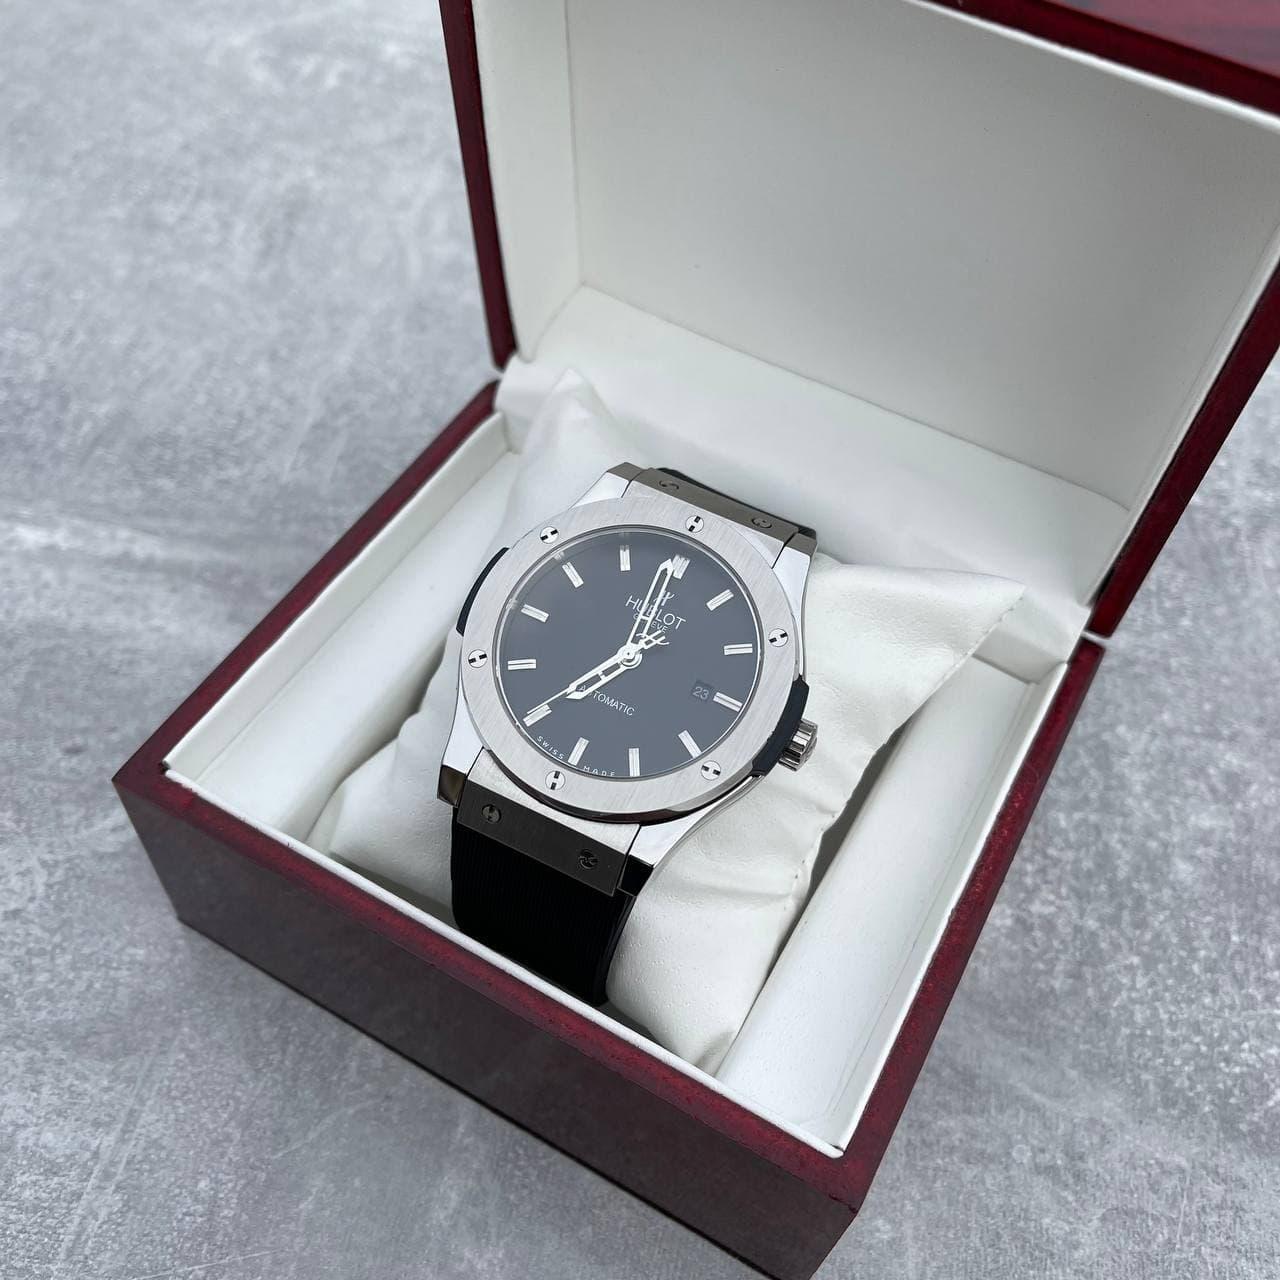 Годинники наручні H u b l o t 5826 Classic Fusion Black-Silver-Black, преміального класу ААА